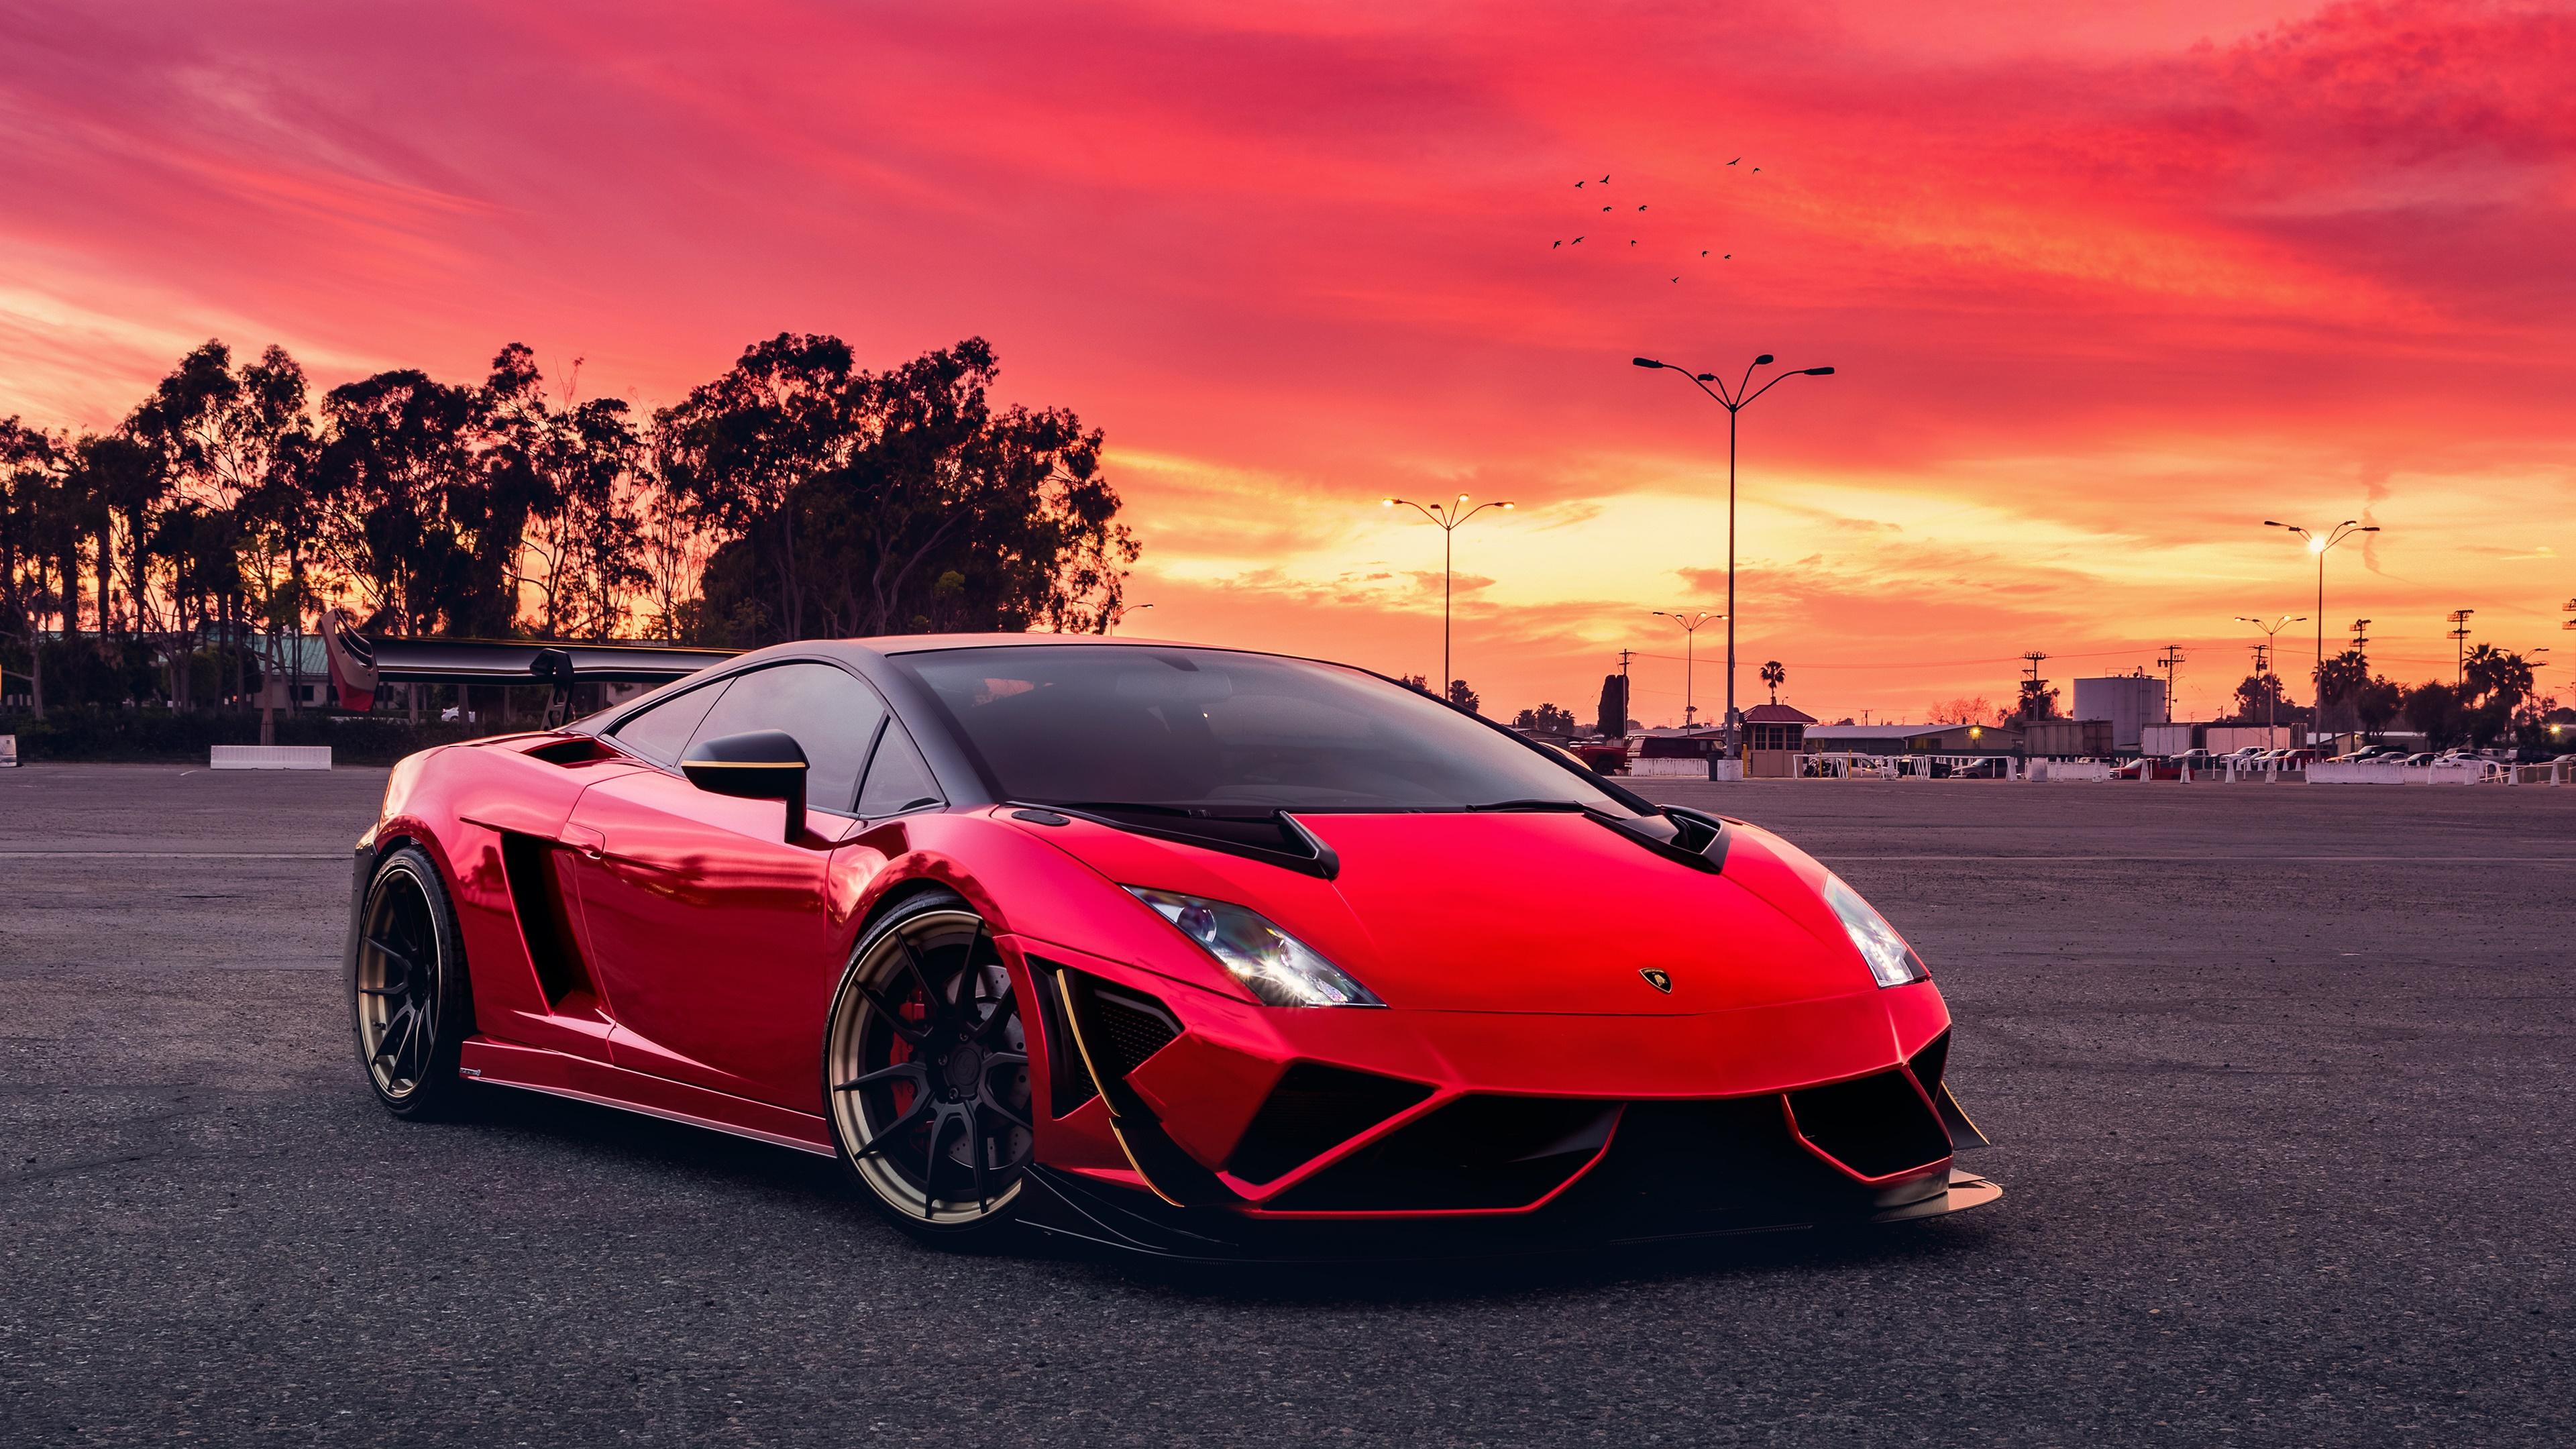 Red lamborghini gallardo hd cars 4k wallpapers images - Car 4k wallpaper ...